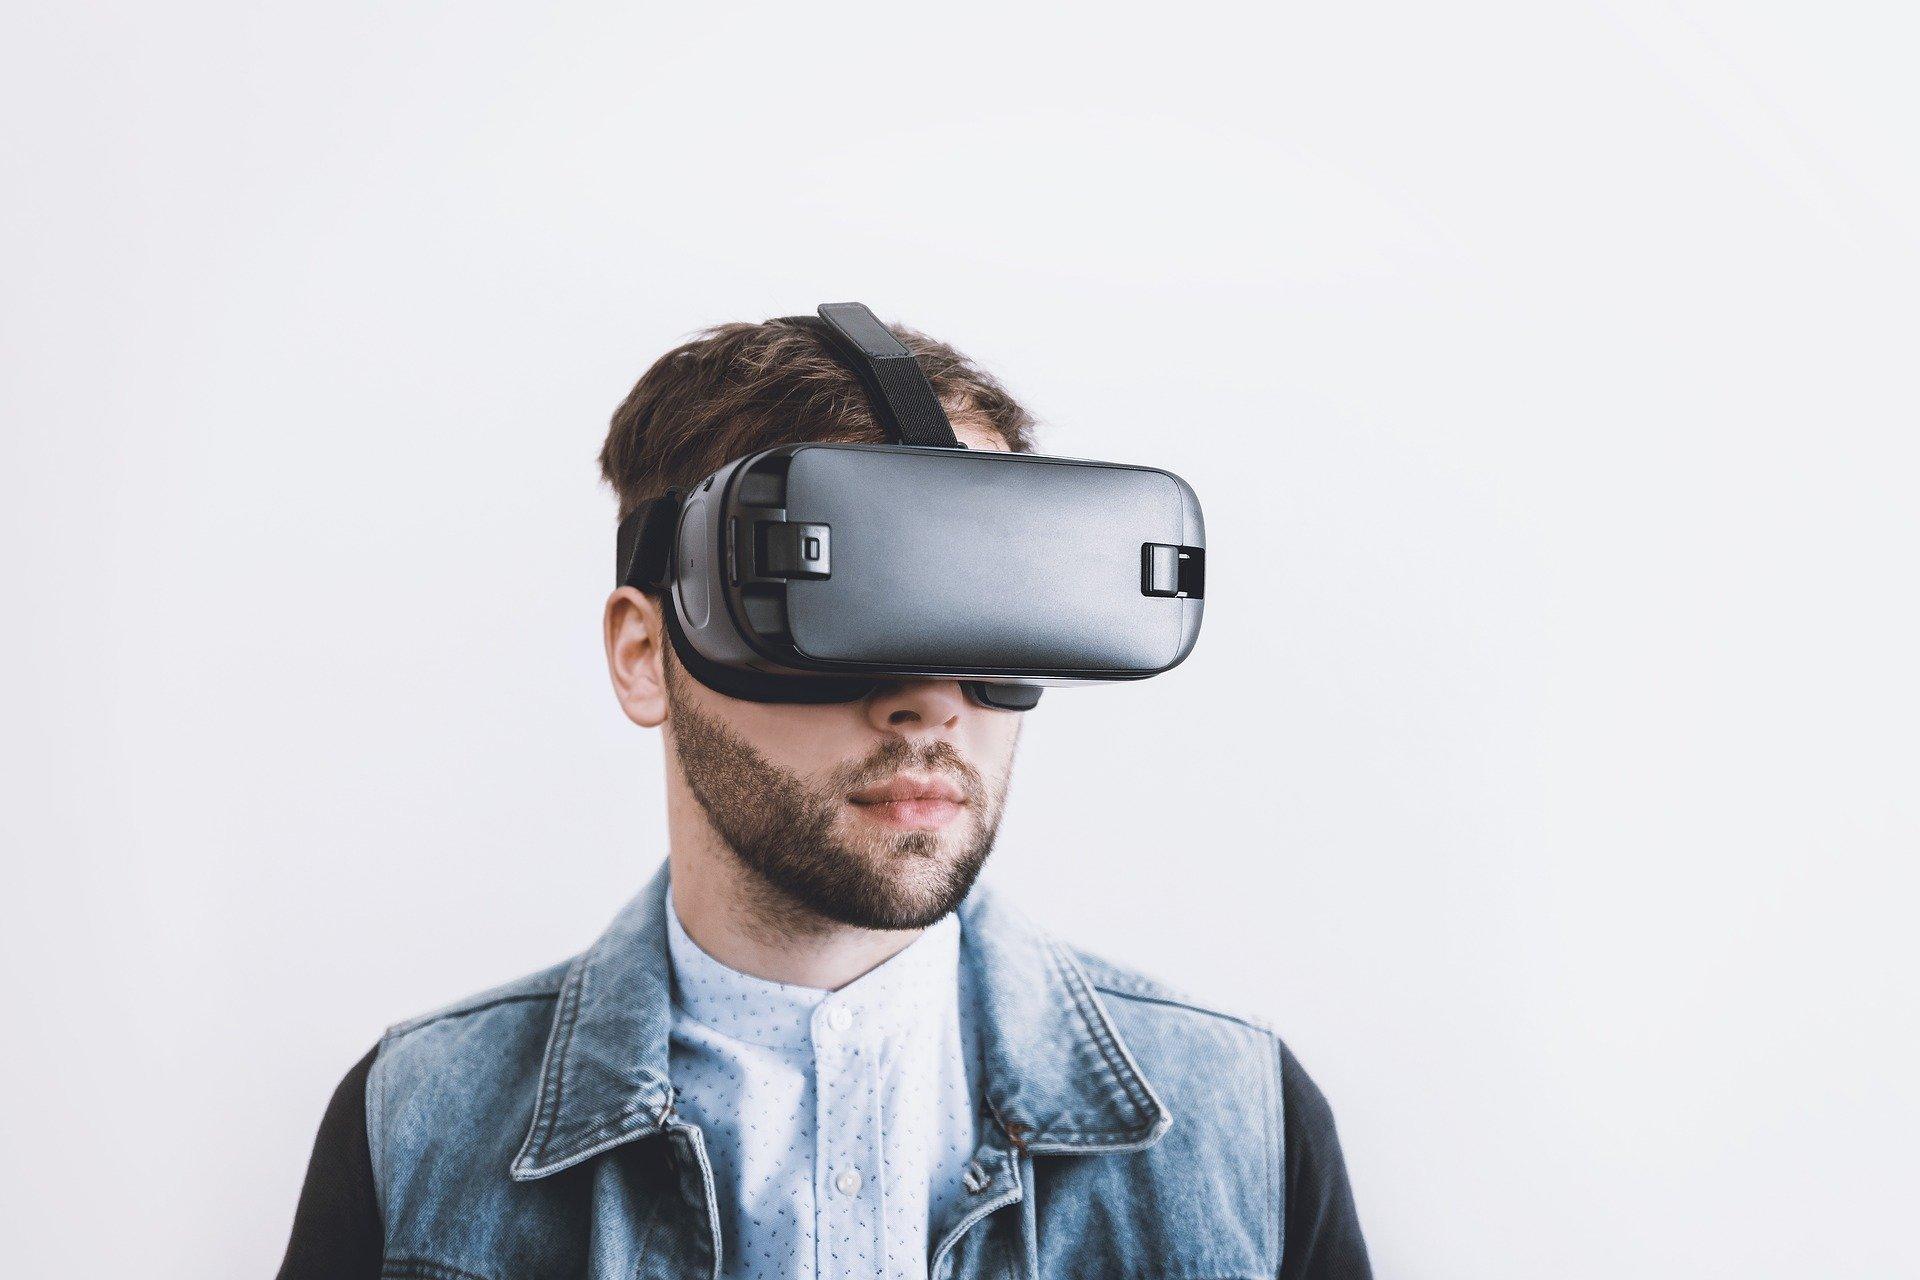 Concurso de cortometrajes en VR